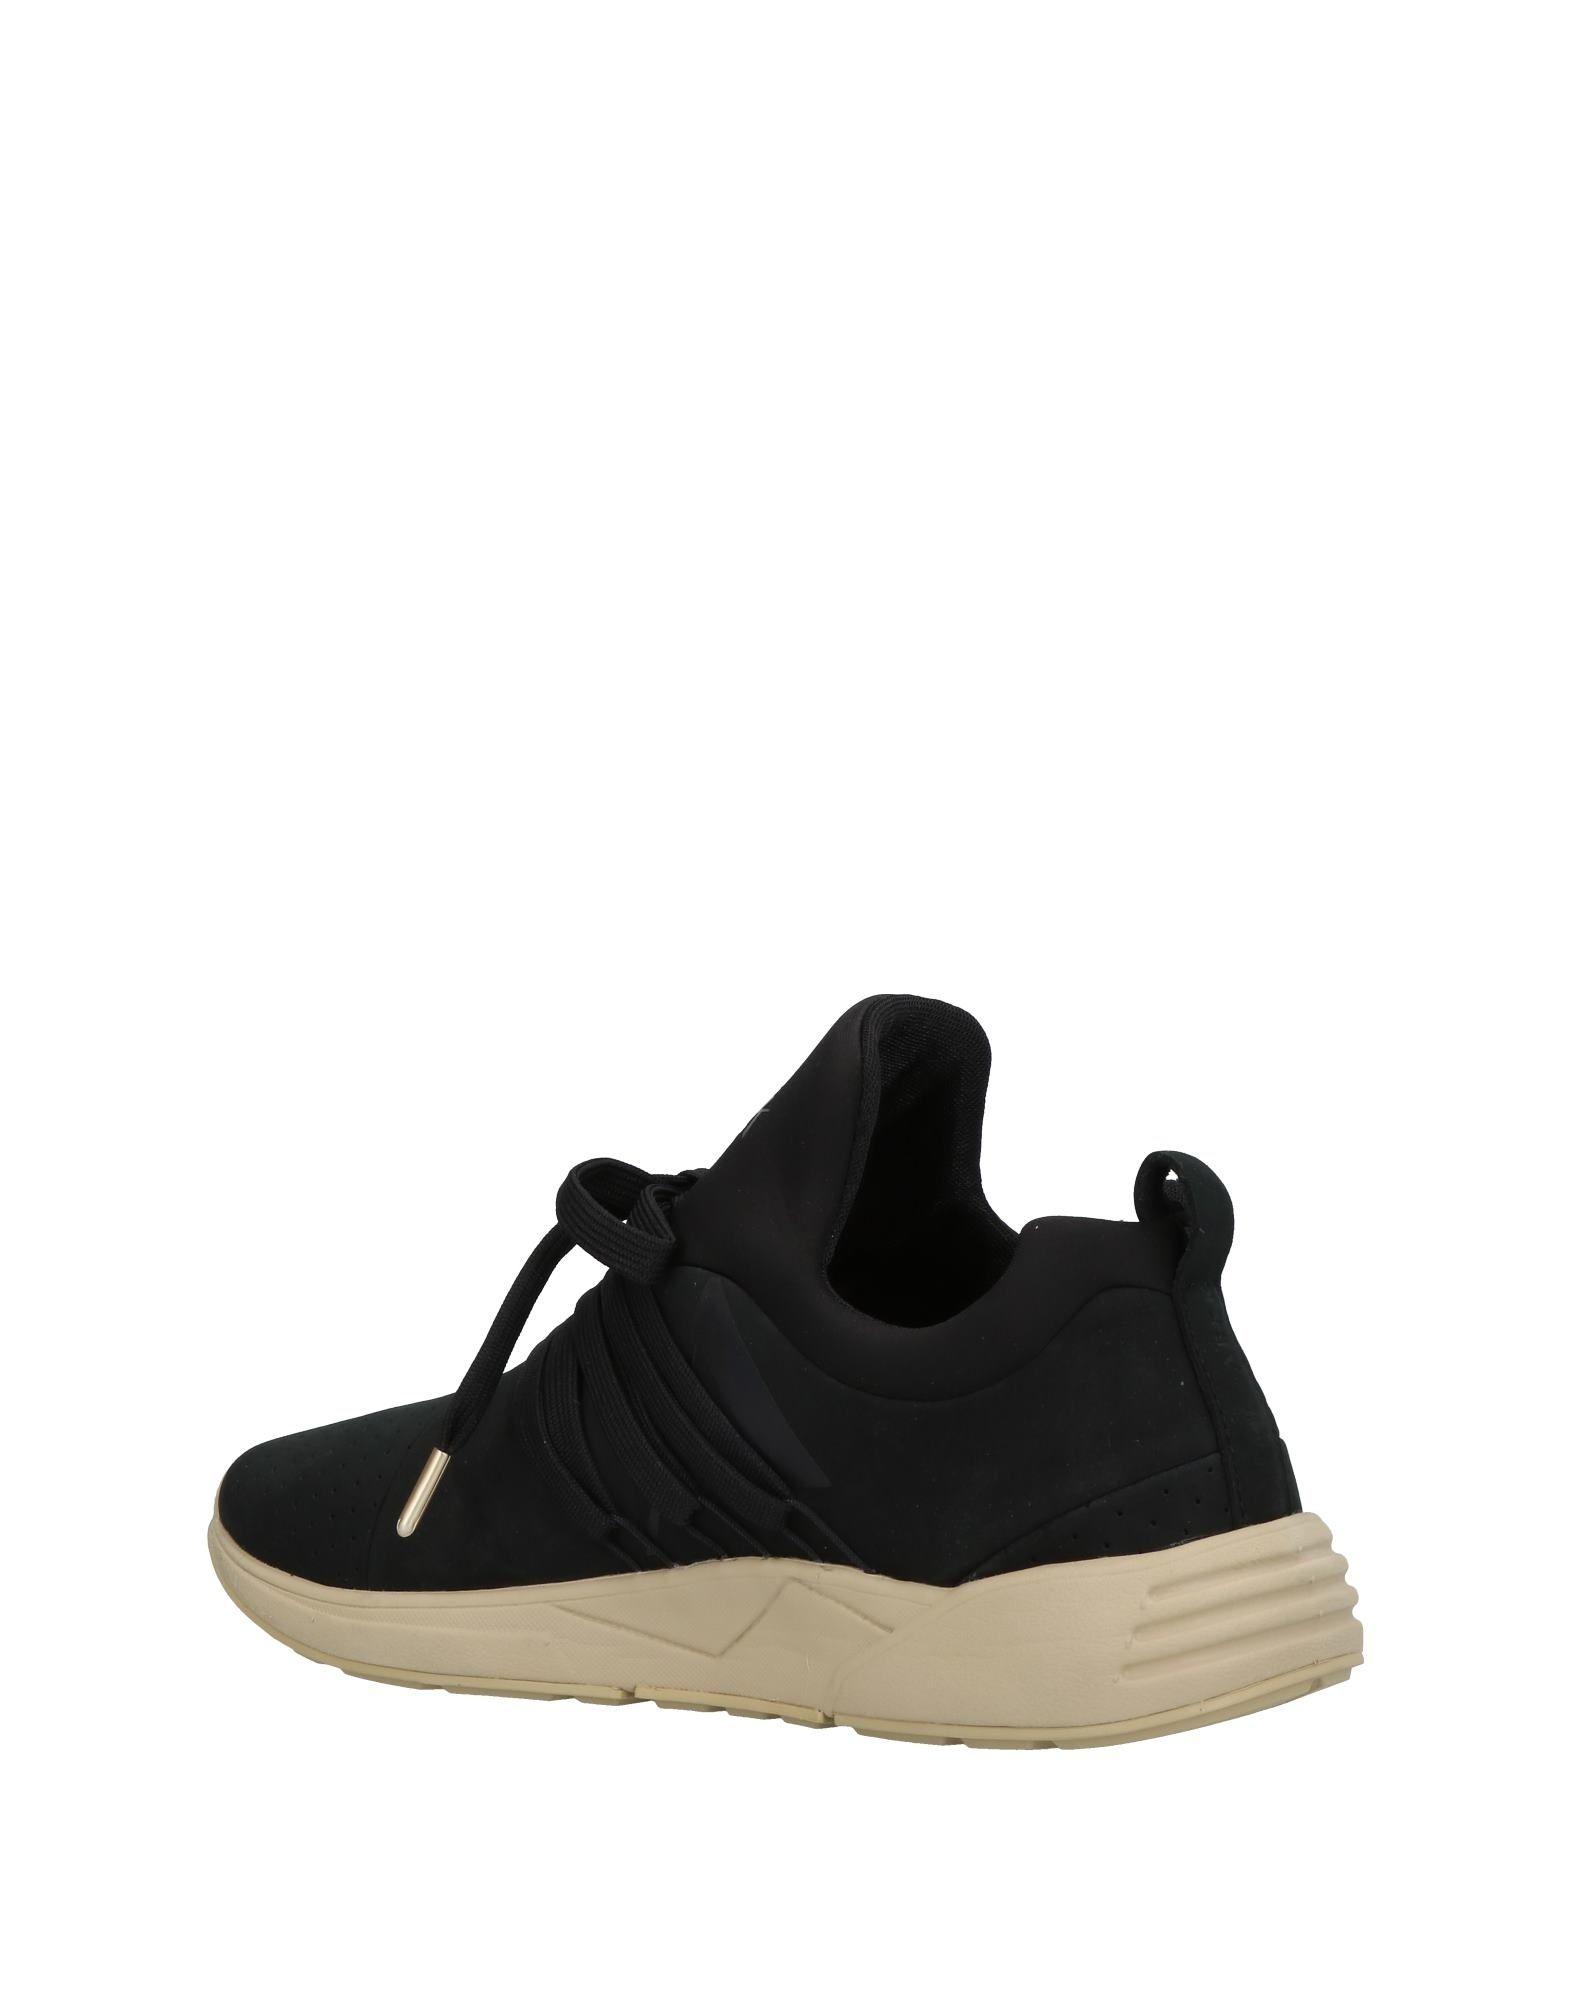 Arkk Copenhagen Sneakers Damen    11373733VD Gute Qualität beliebte Schuhe 541777